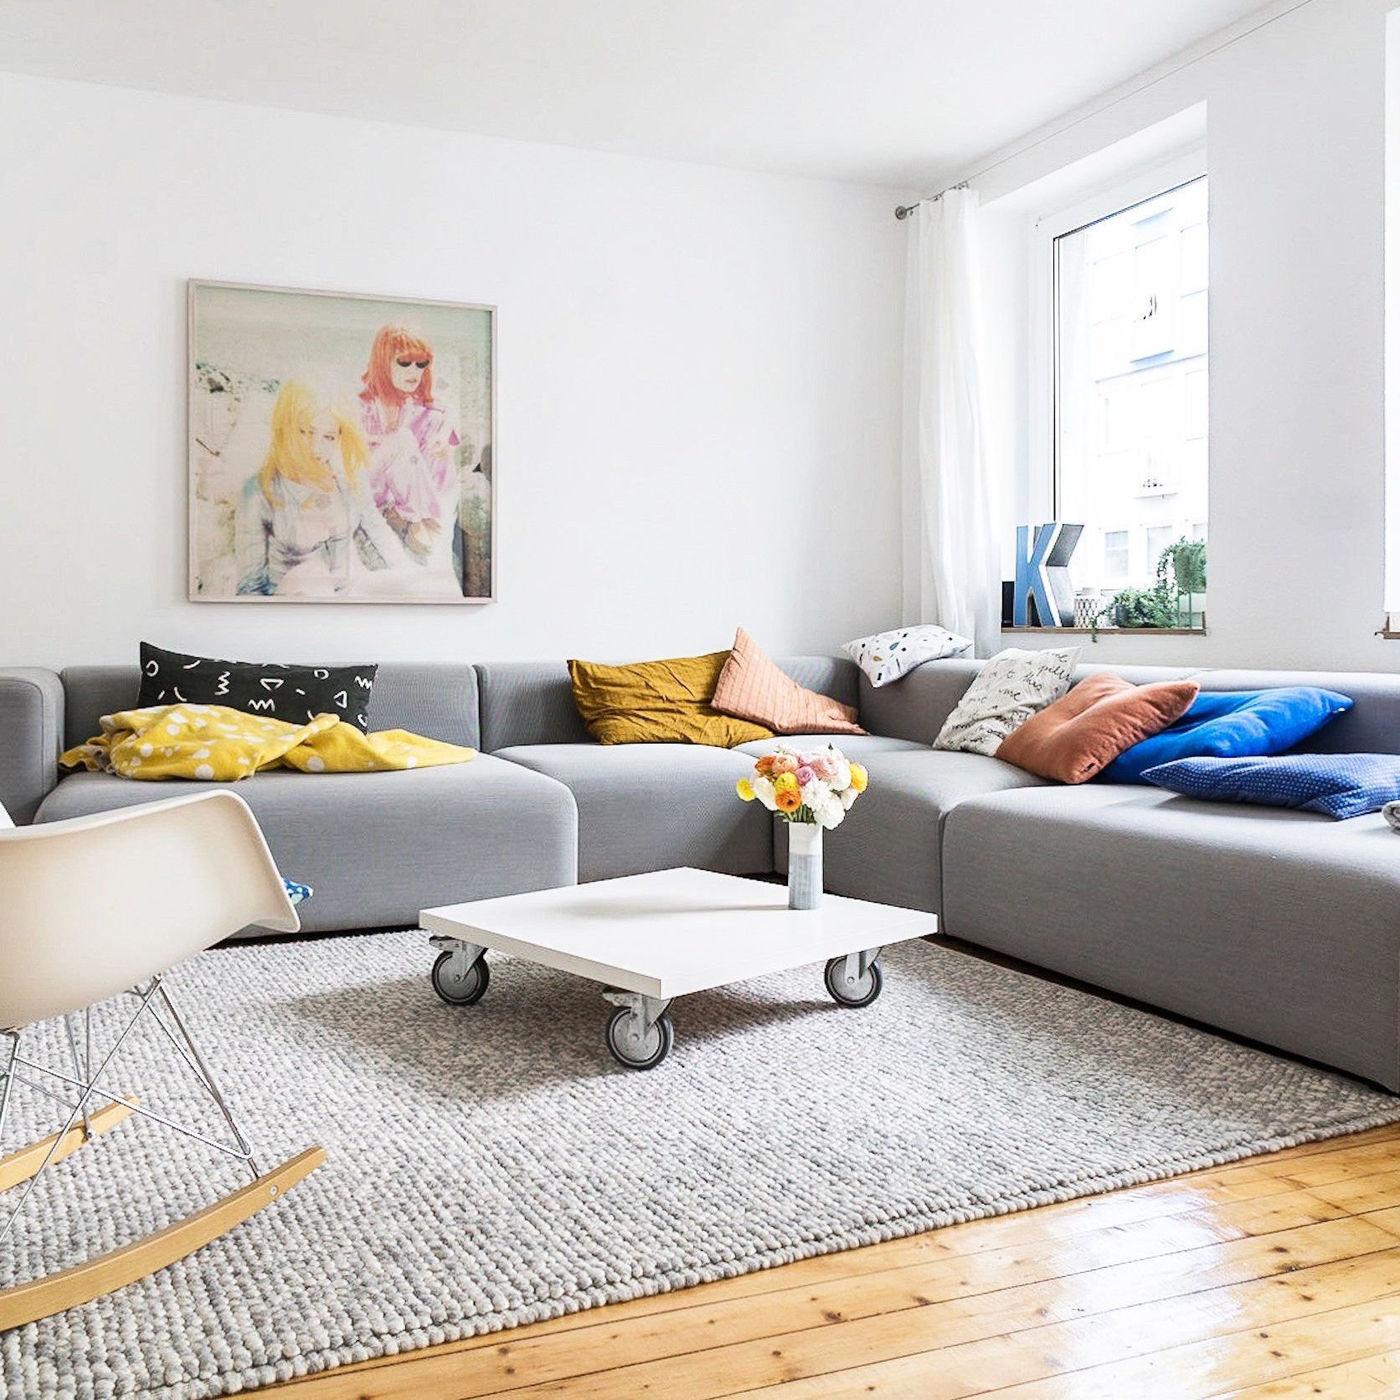 Full Size of Welche Couch Für Kleines Wohnzimmer Kleines Wohnzimmer Mit Sofa Einrichten Sofas Für Kleines Wohnzimmer Kleines Wohnzimmer Einrichten Sofa Wohnzimmer Sofa Kleines Wohnzimmer